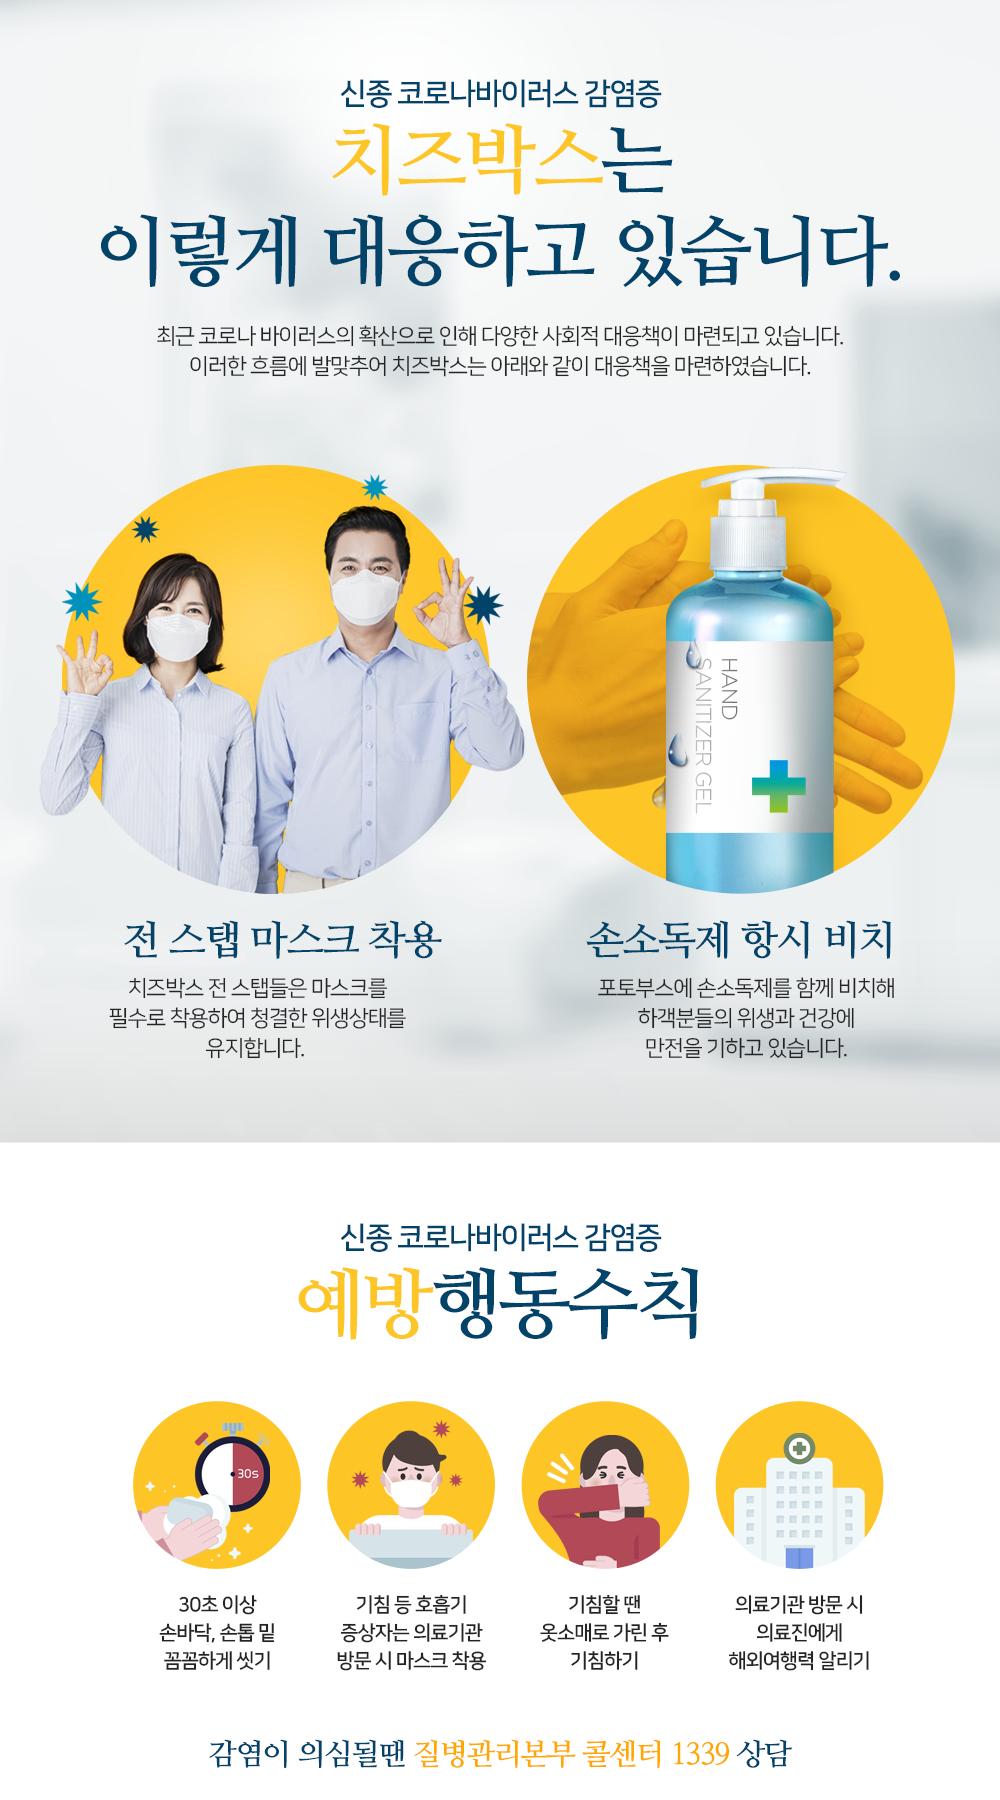 신종 코로나바이러스 감염증 치즈박스 대응방안